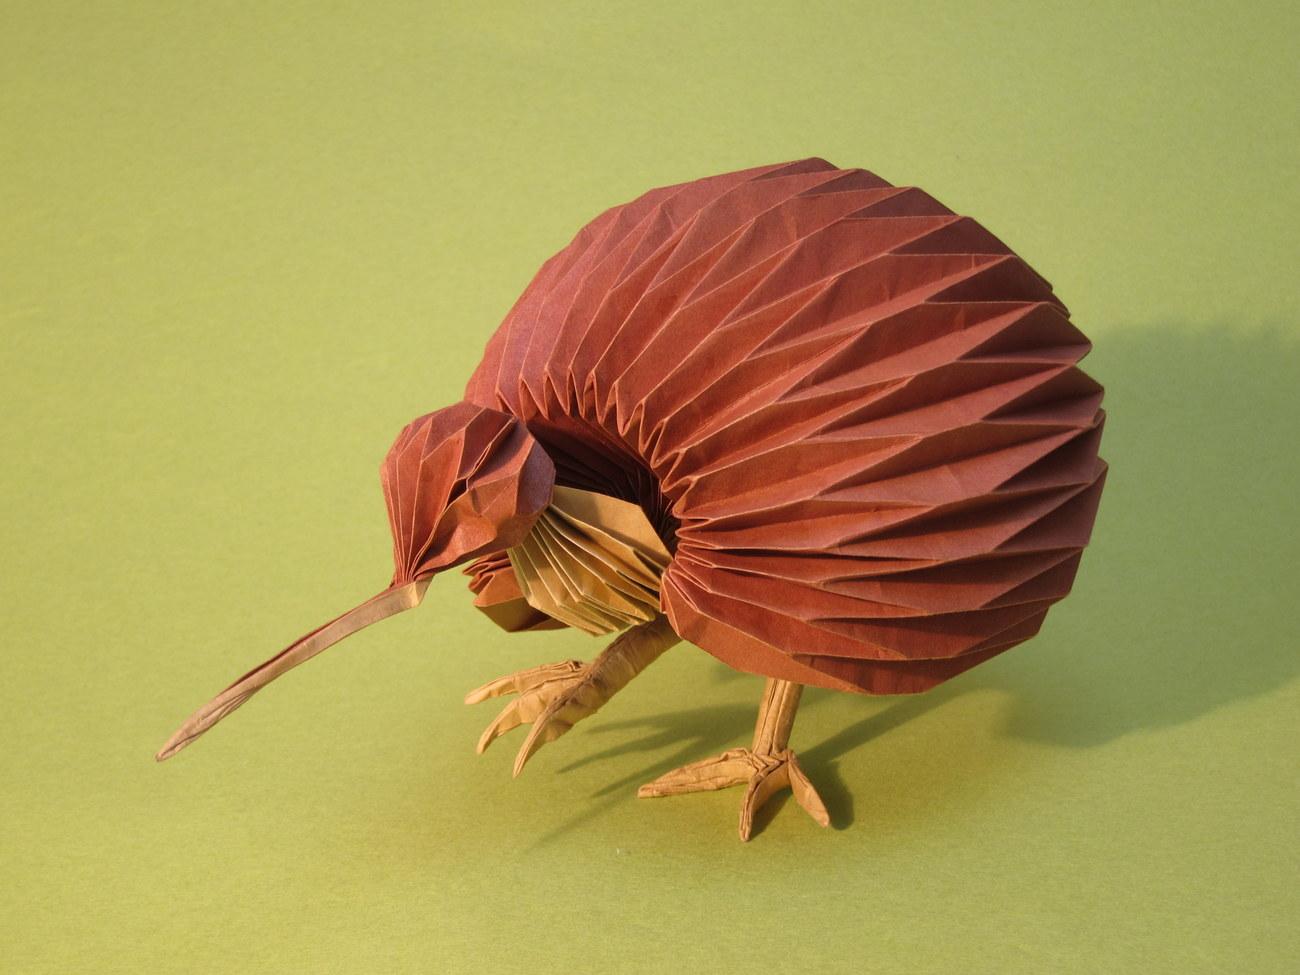 Kiwi by Bernard Peyton